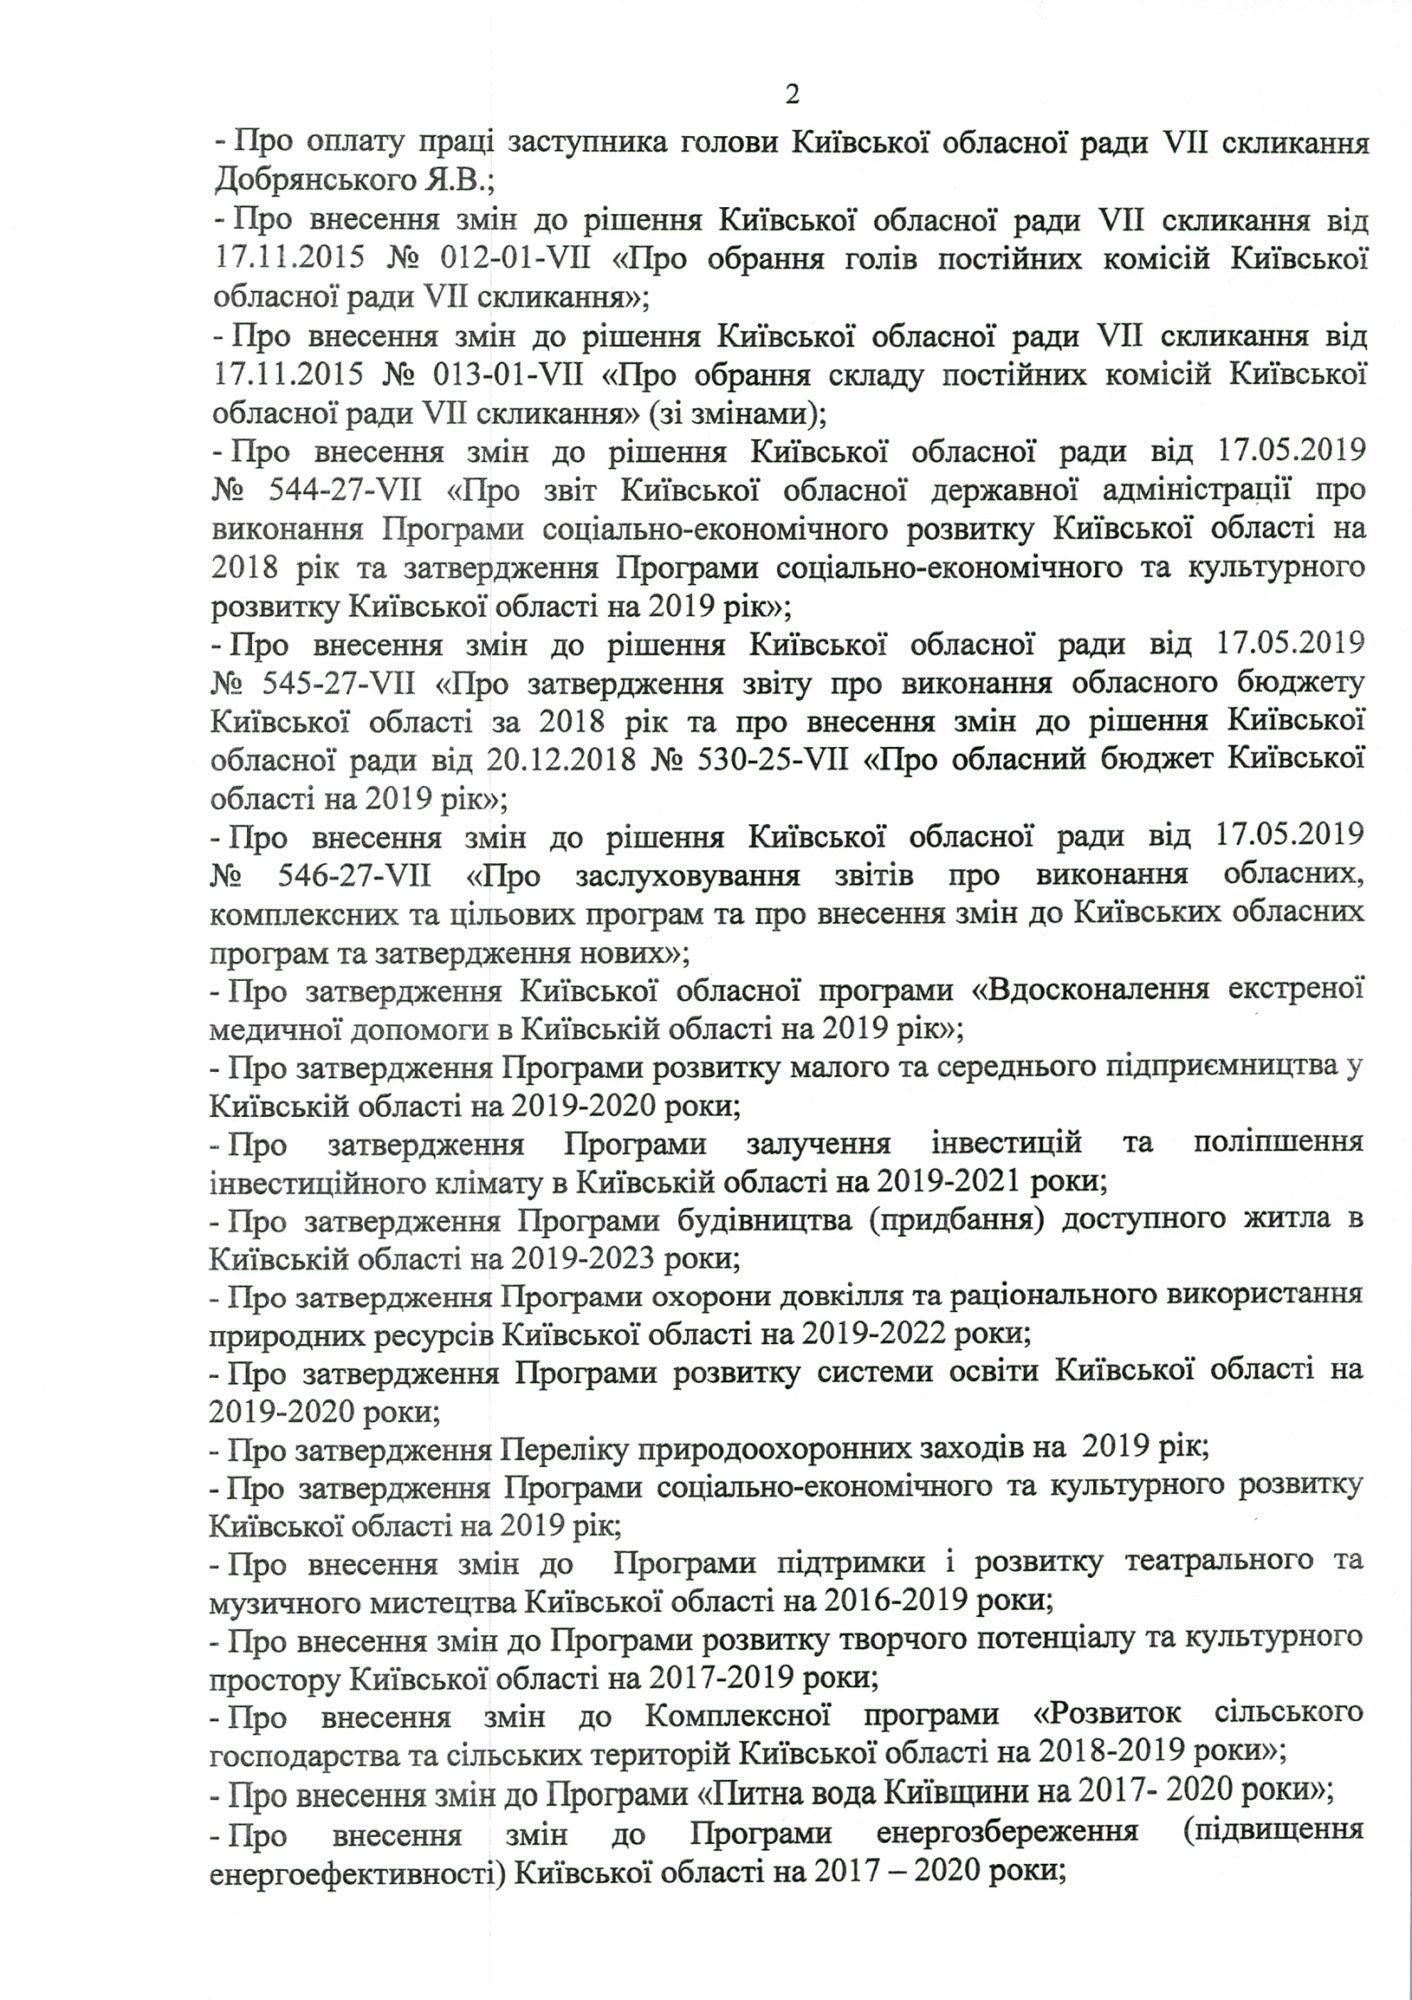 У Київській обласній раді затвердять зміни до цільових Програм та приймуть низку бюджетних питань - Київська обласна рада - 2 10 1412x2000